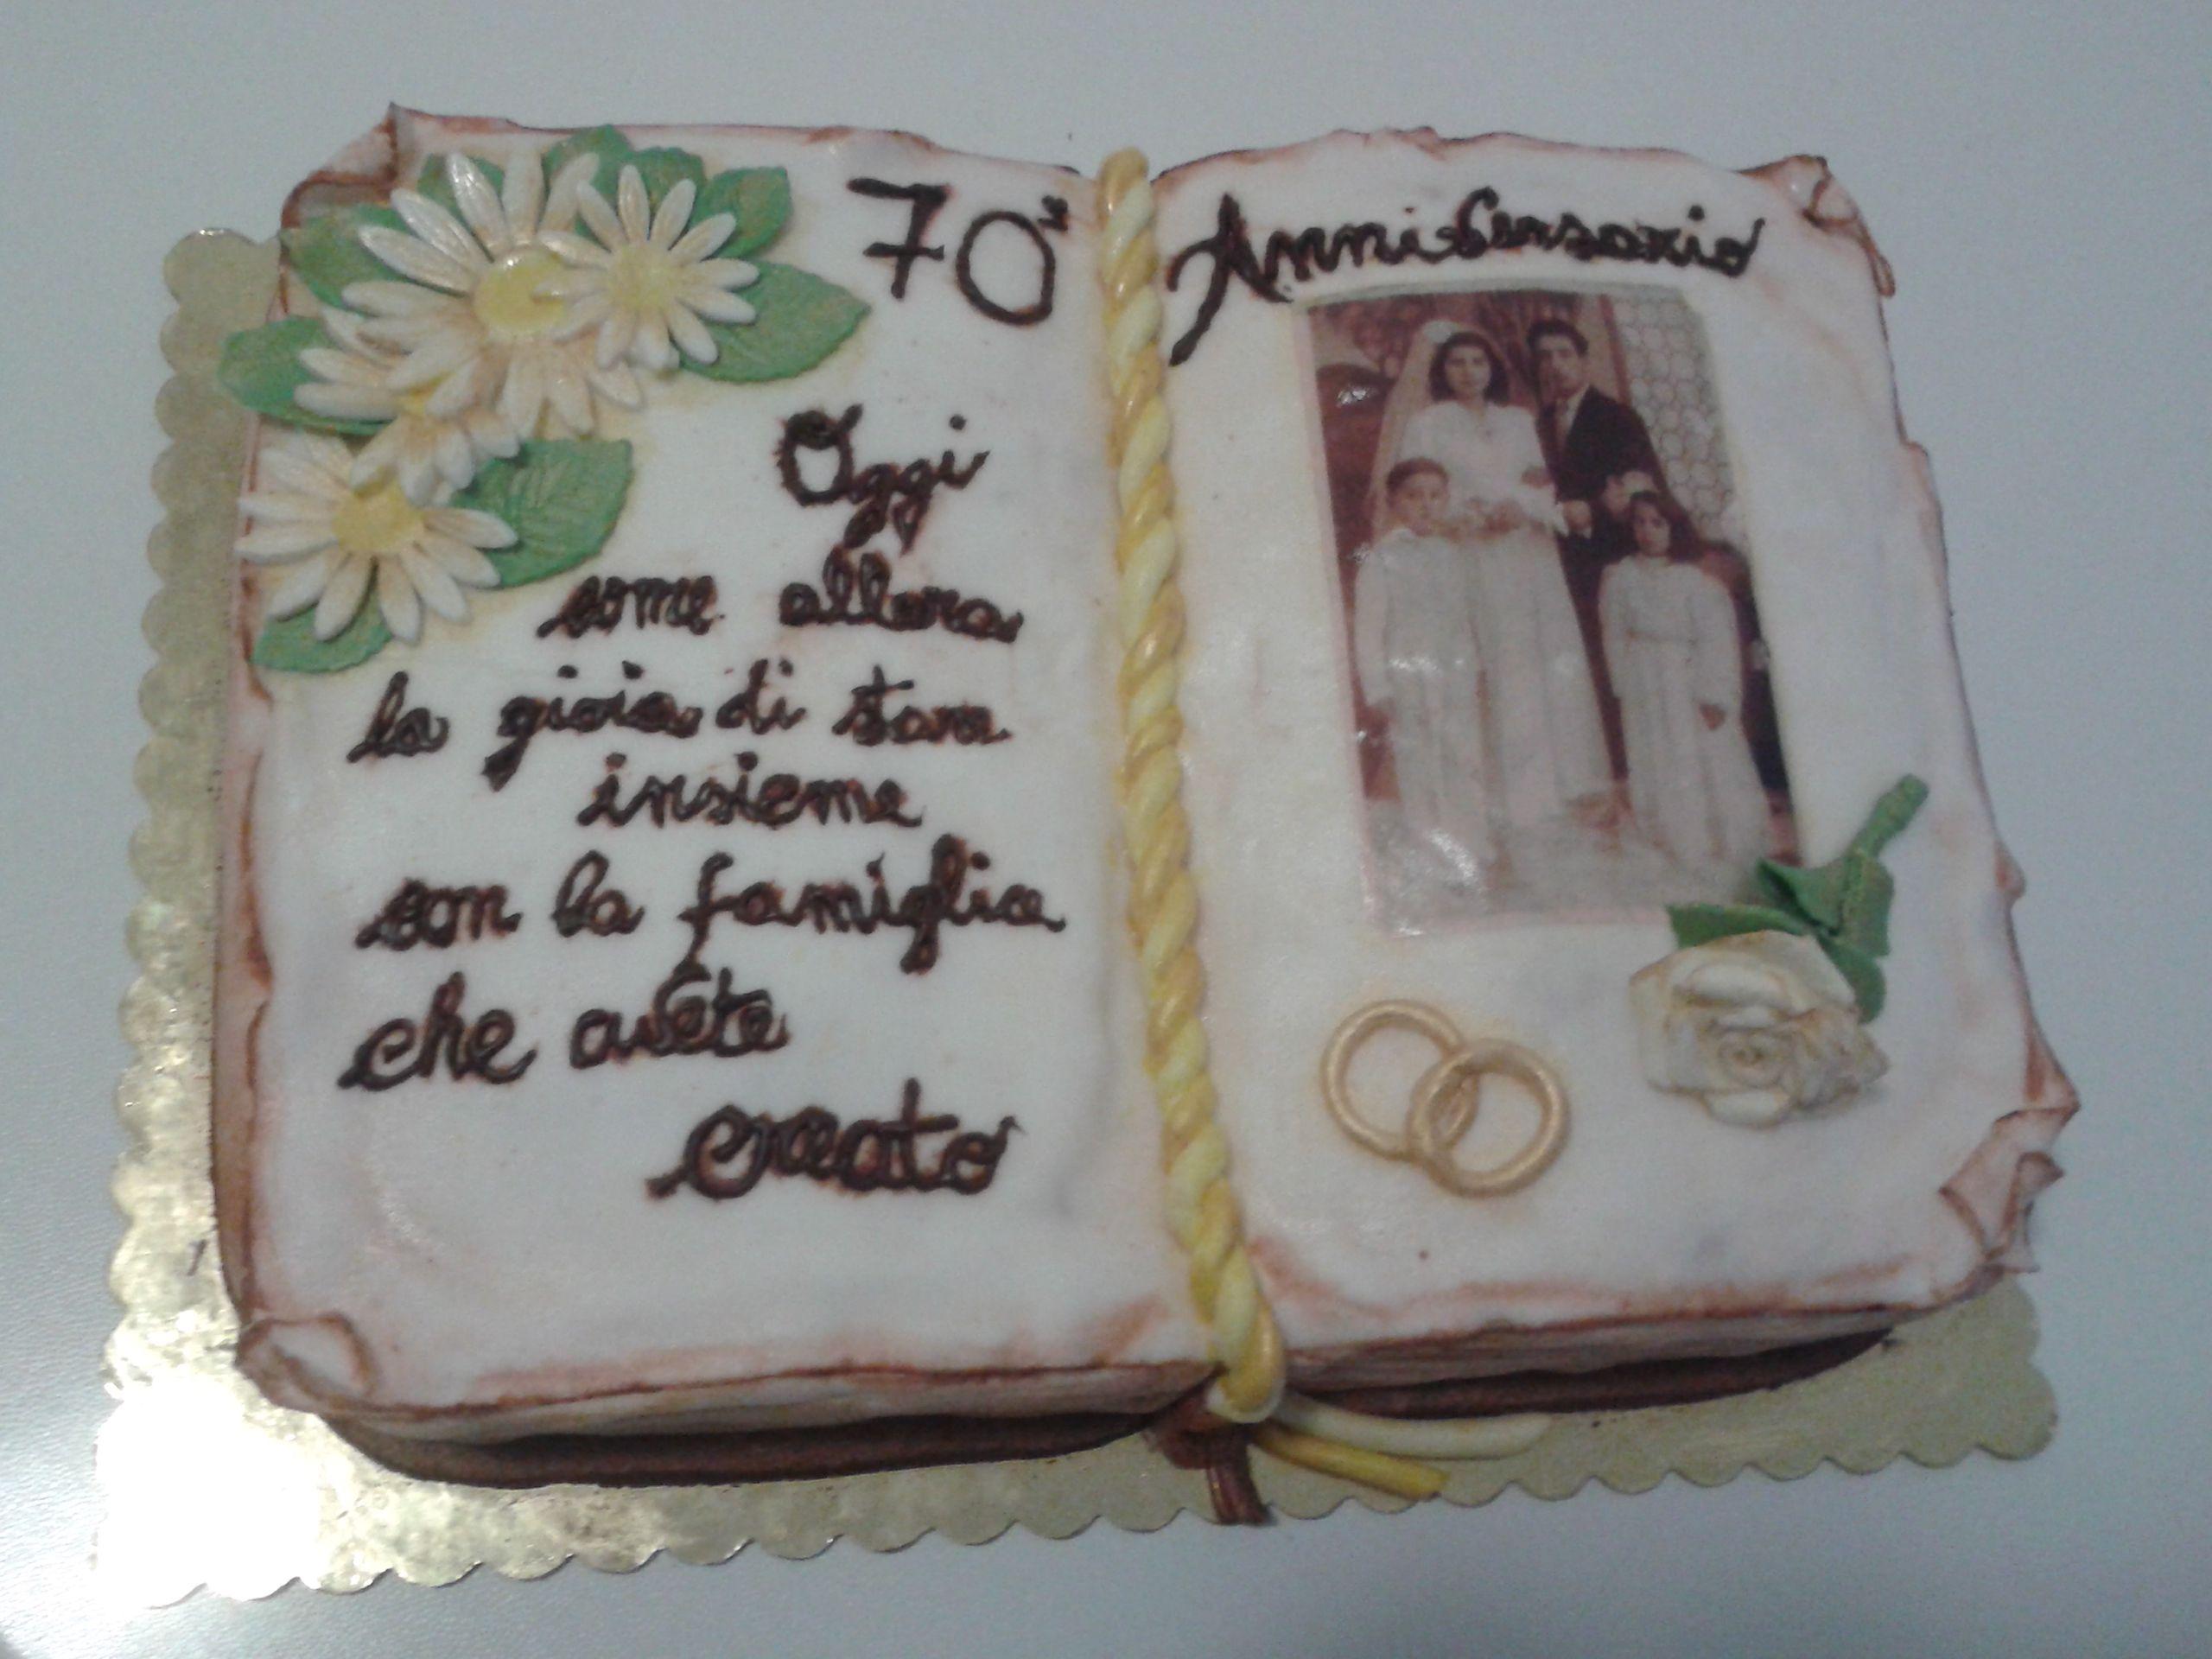 Torte Anniversario Di Matrimonio Pasta Di Zucchero.Torta Libro Per Anniversario Di Matrimonio In Pastadizucchero